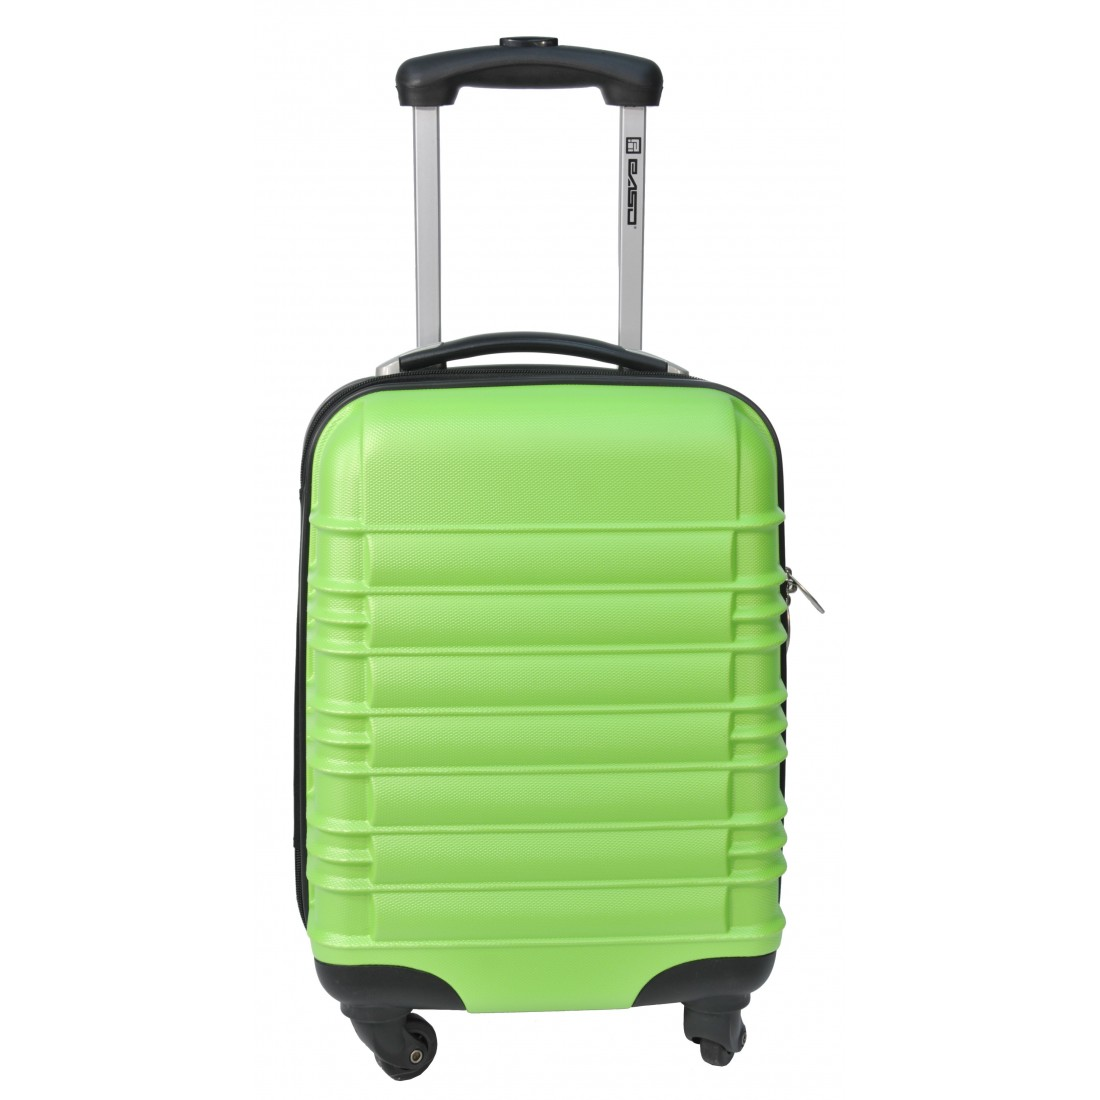 Walizka mała zielona ABS - plecak-tornister.pl